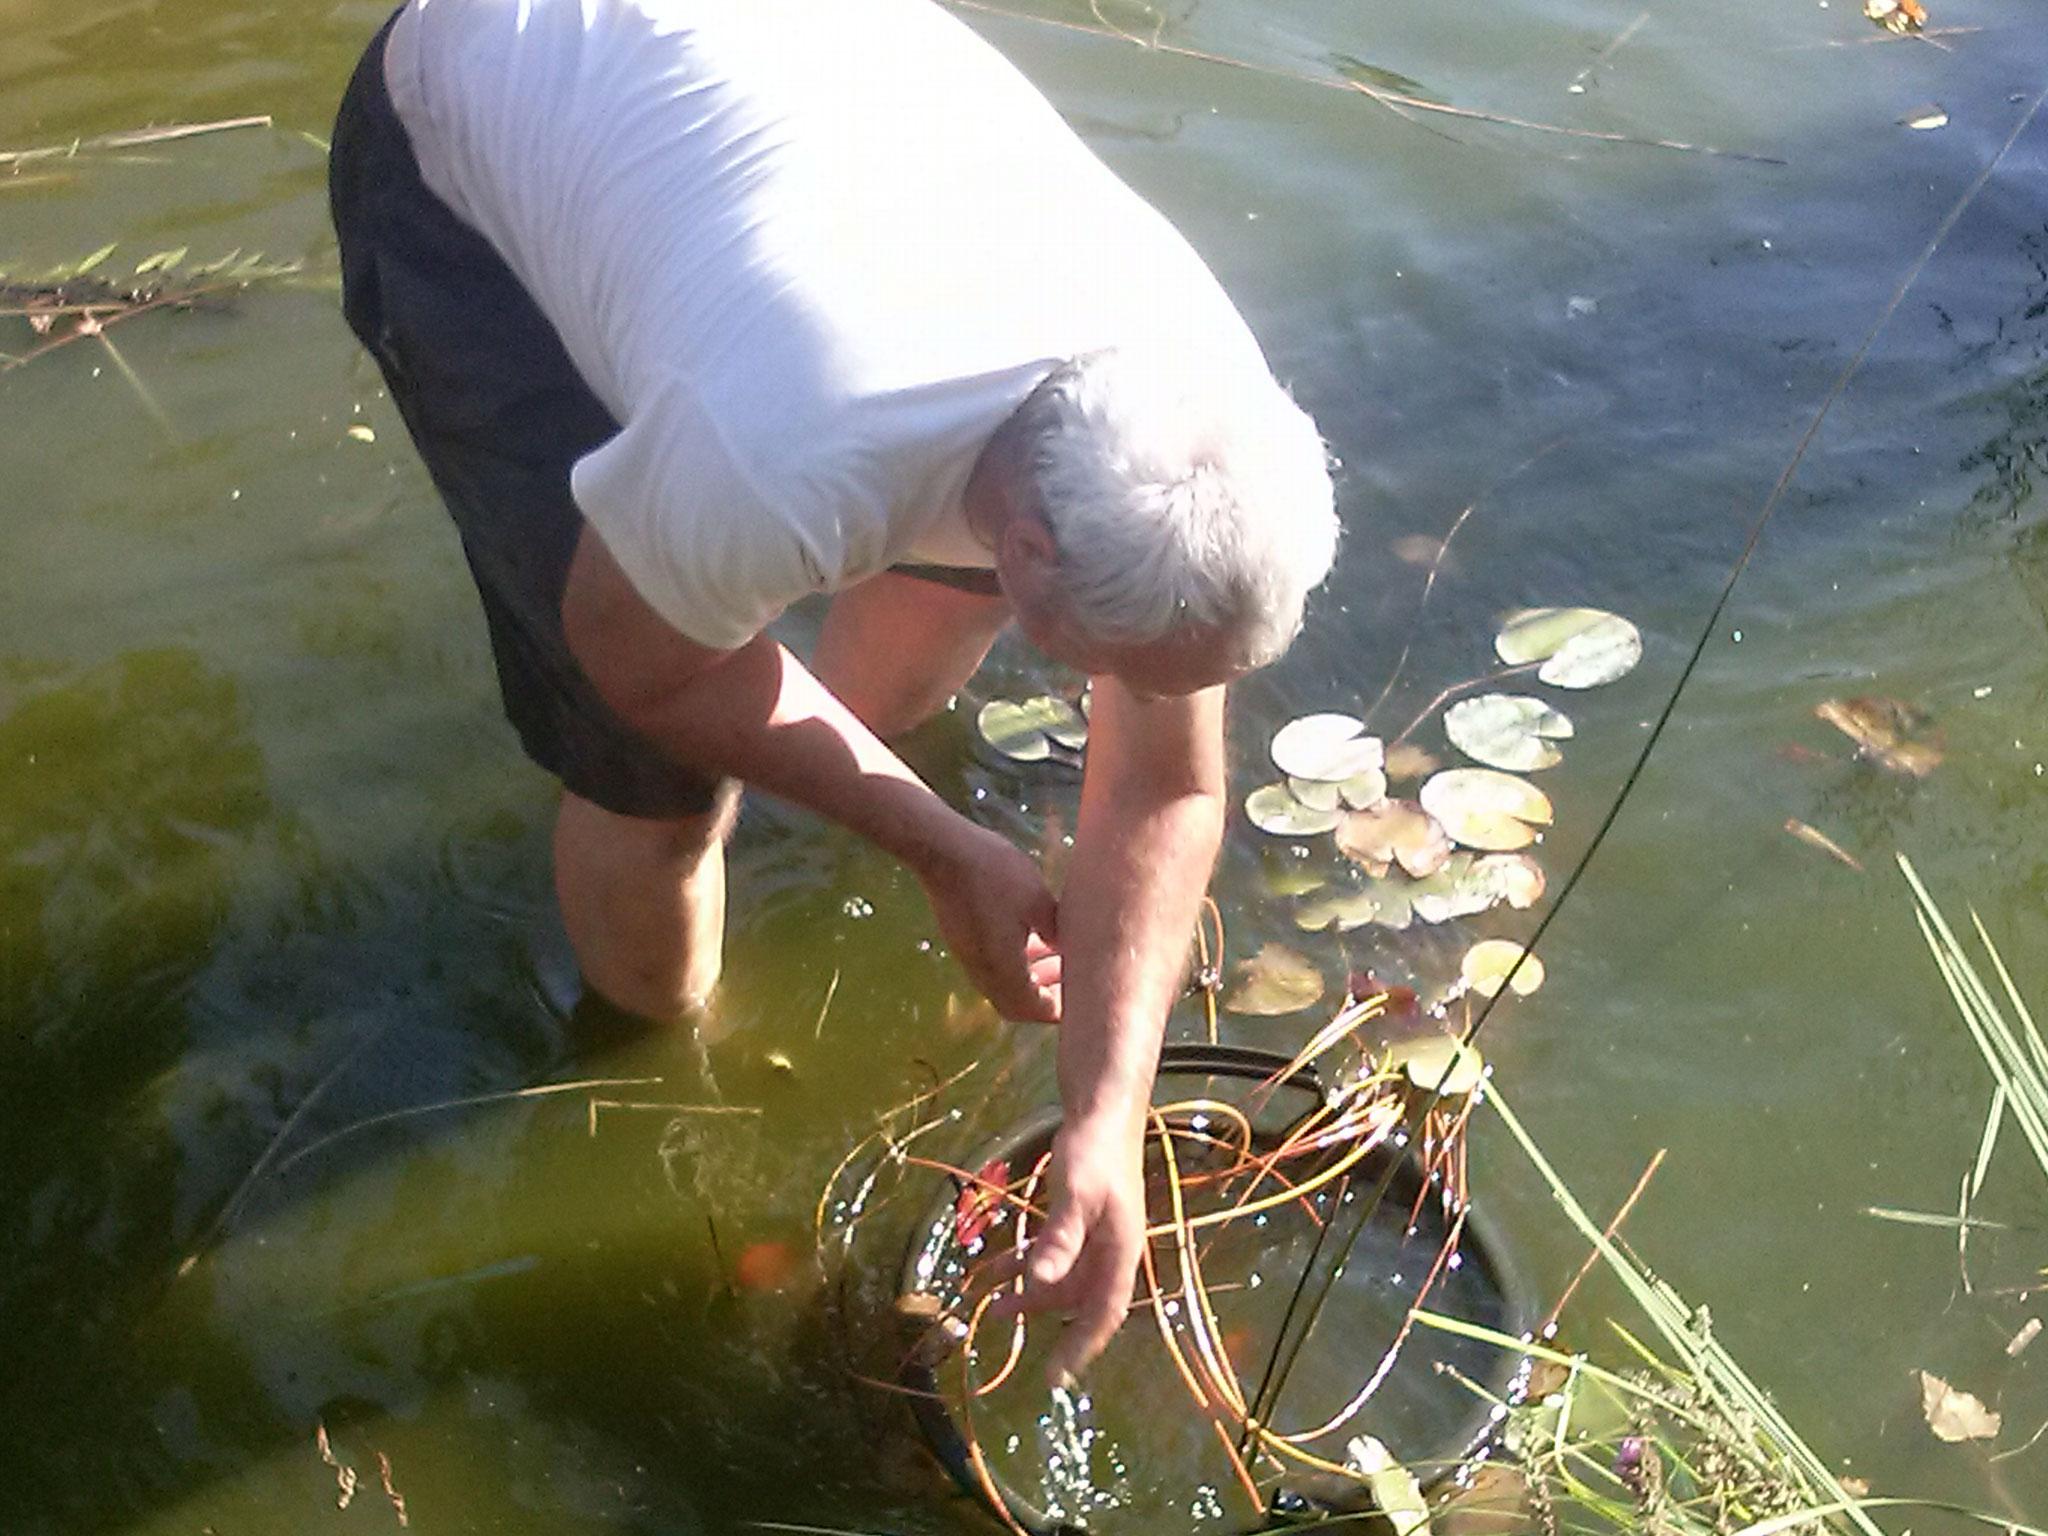 die Fische verstecken sich zwischen den Wurzeln und müssen einzeln herausgesammtelt werden